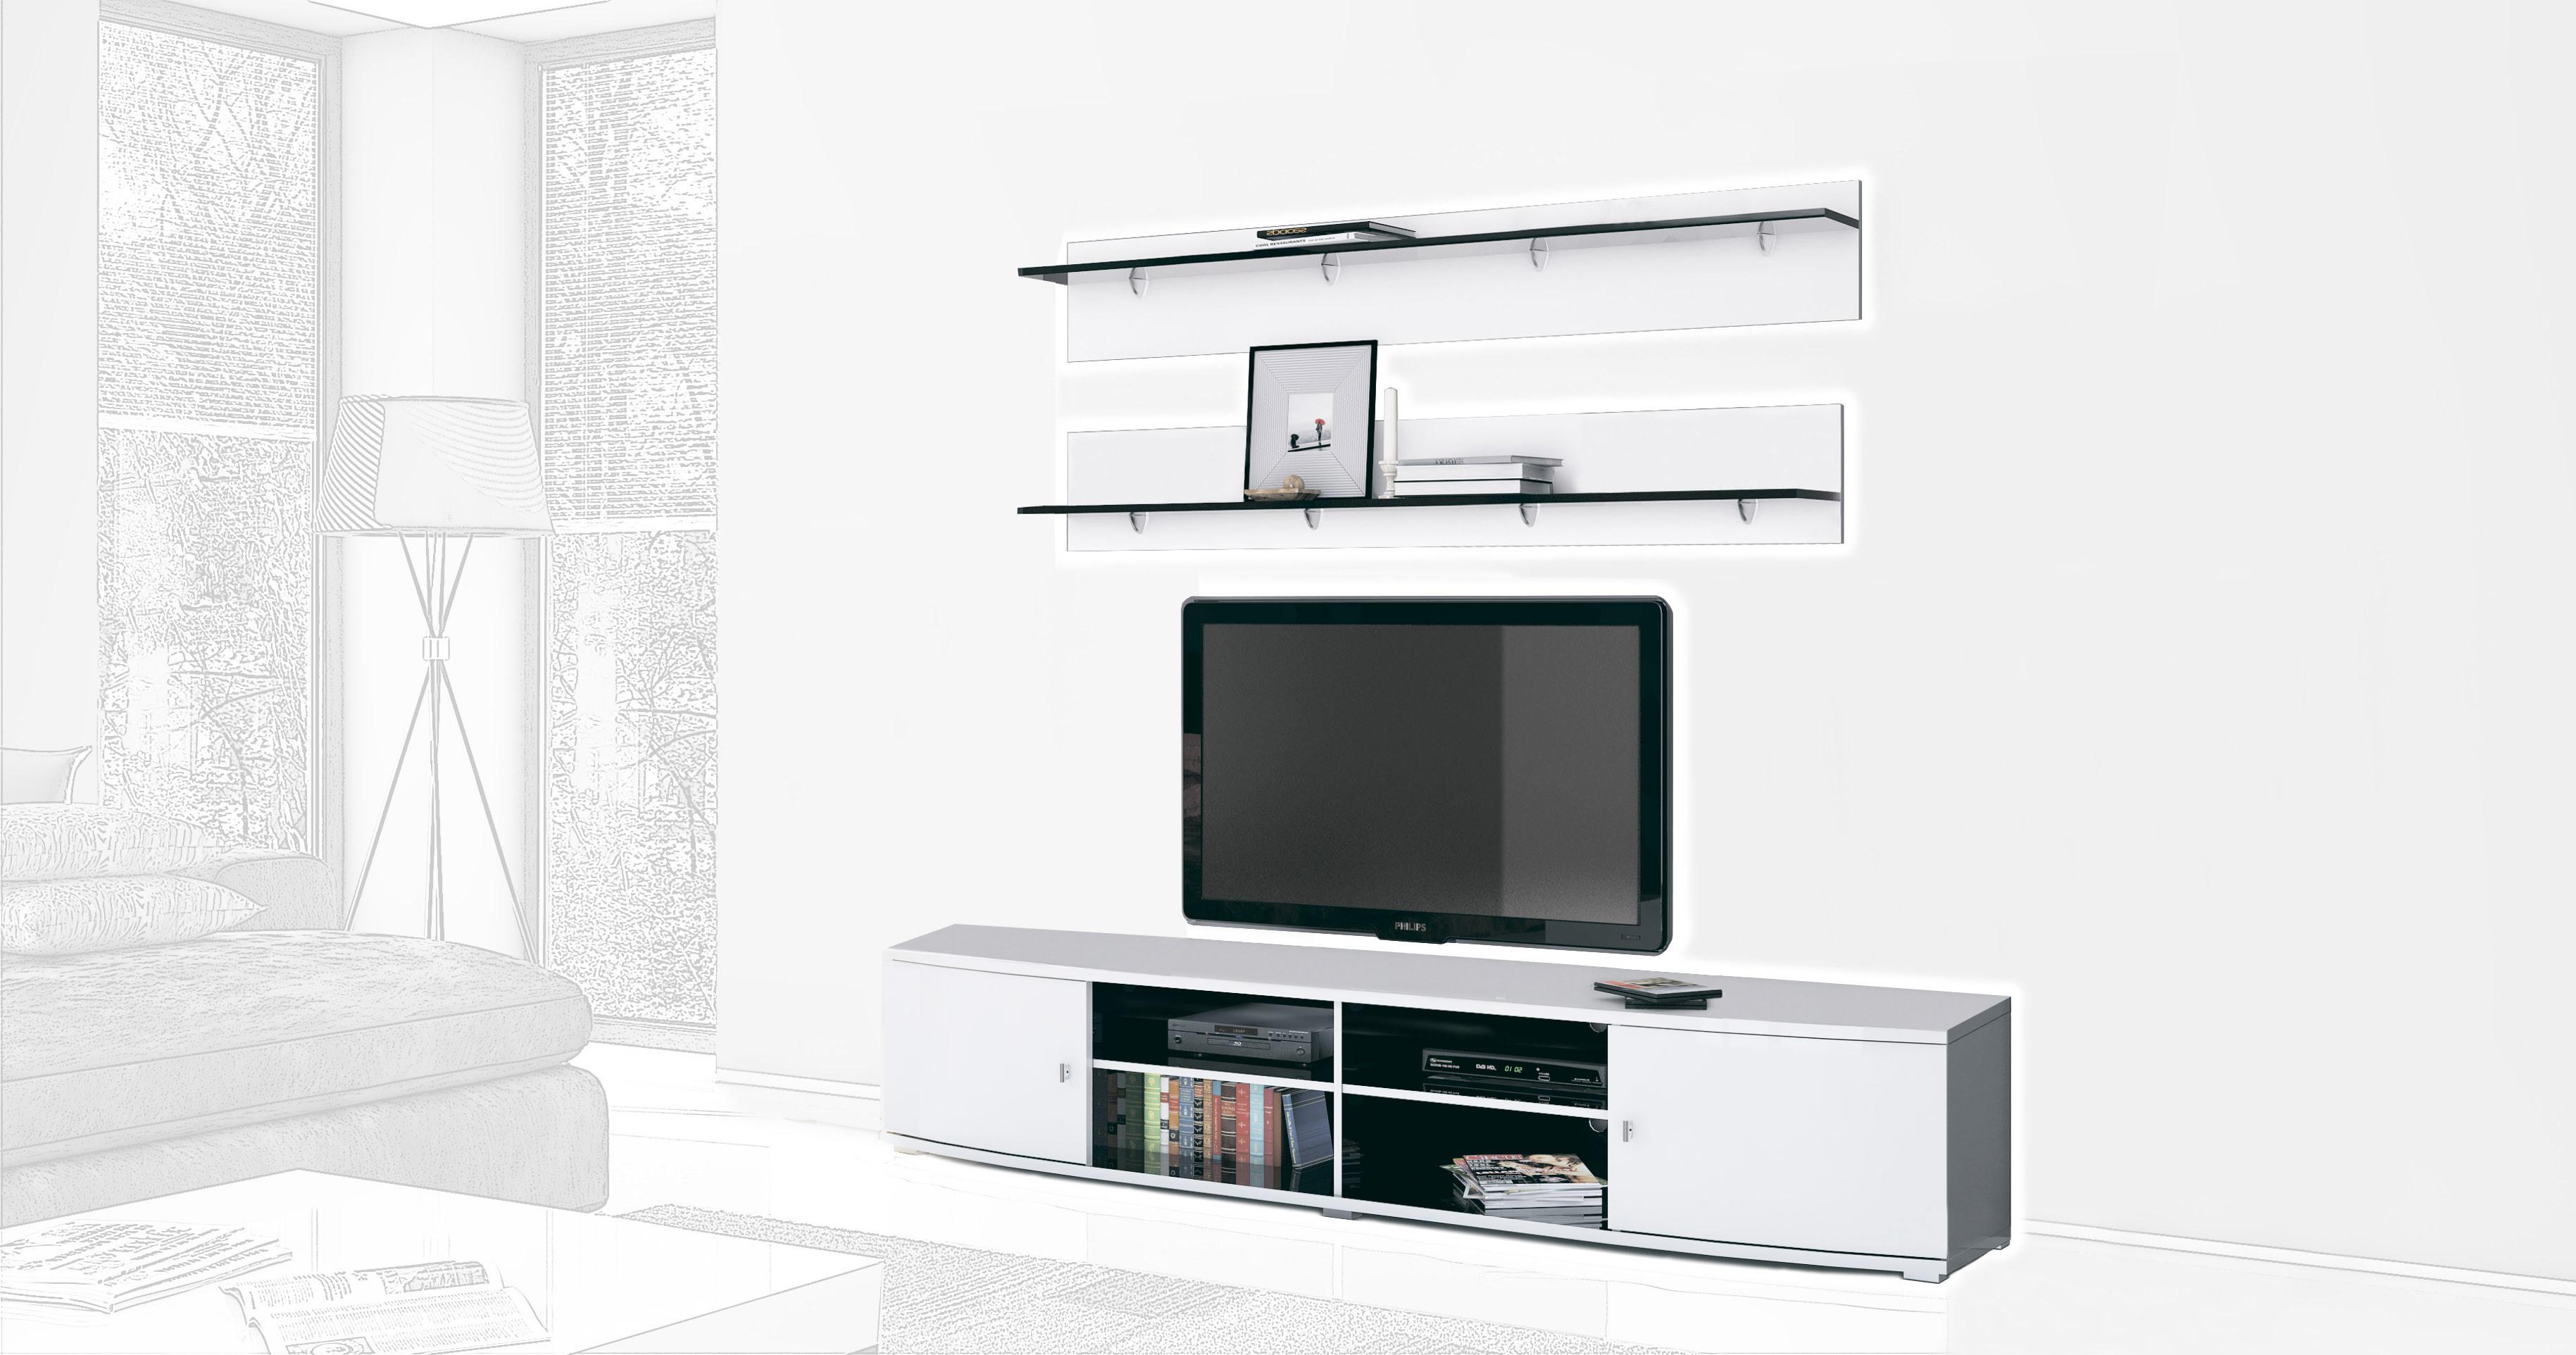 Стенка Интердизайн Монако черный/белый 55x208x42 см (композиция 1)